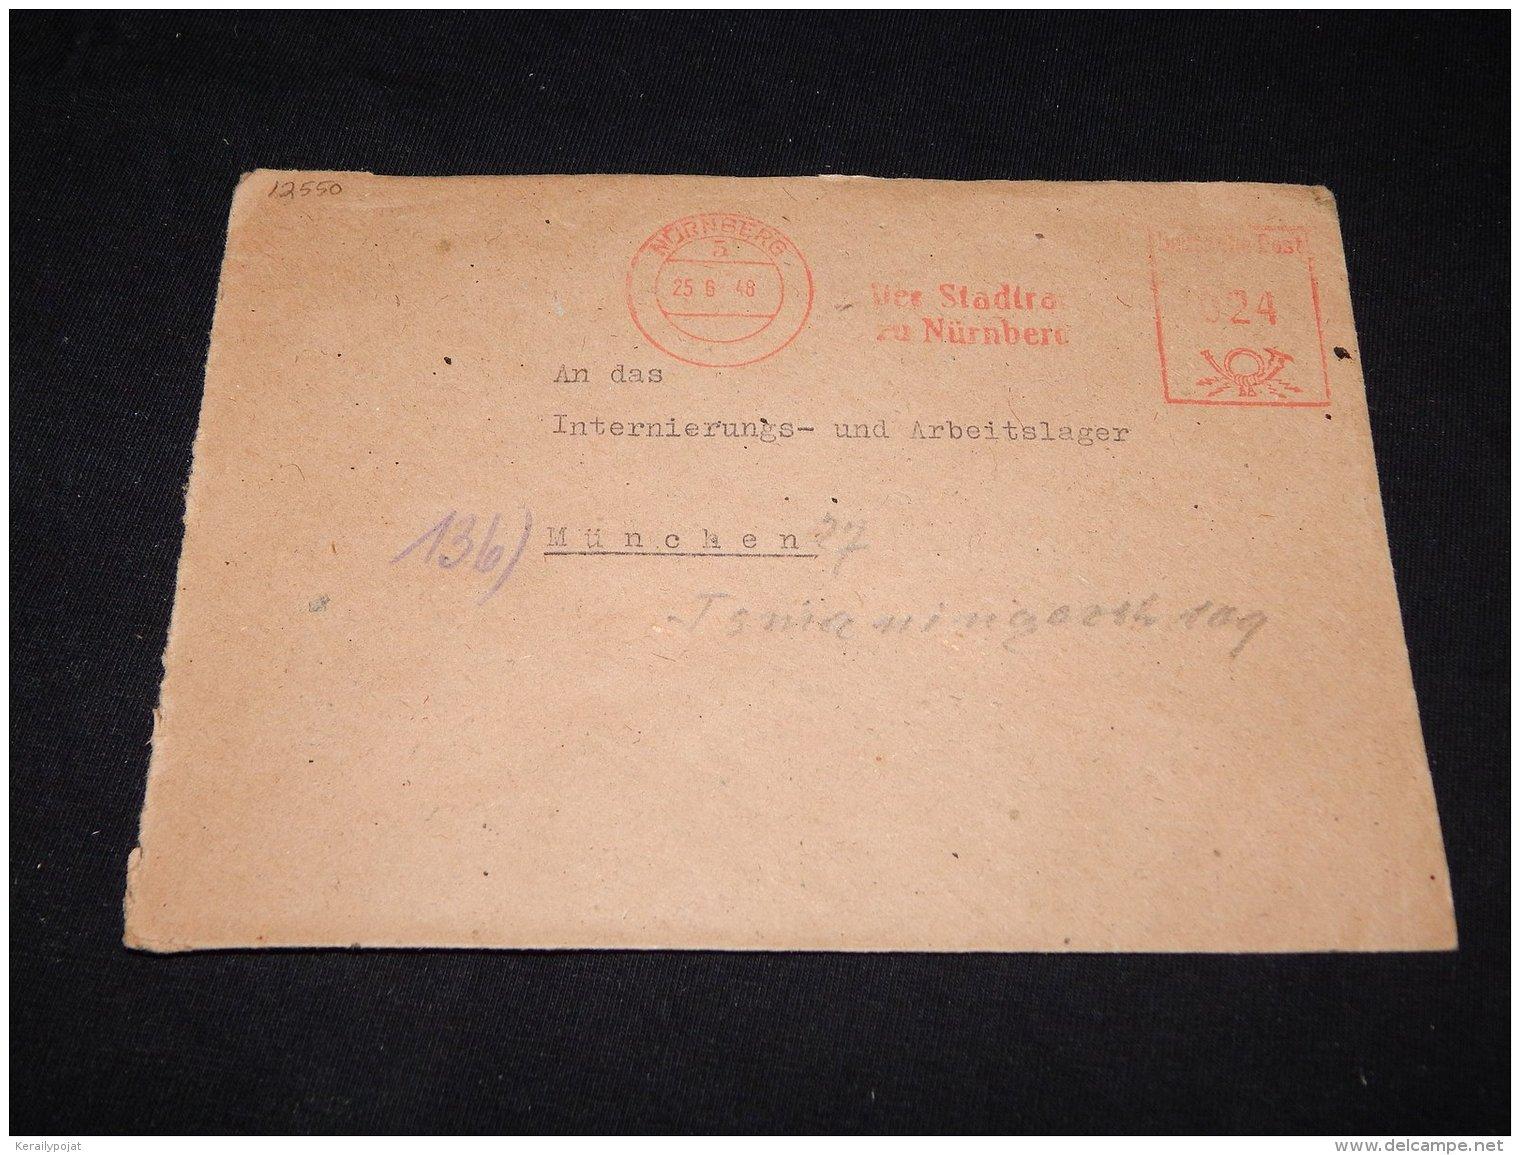 Germany 1948 Nurnberg Der Stadtra Meter Mark Cover__(L-12550) - Deutschland